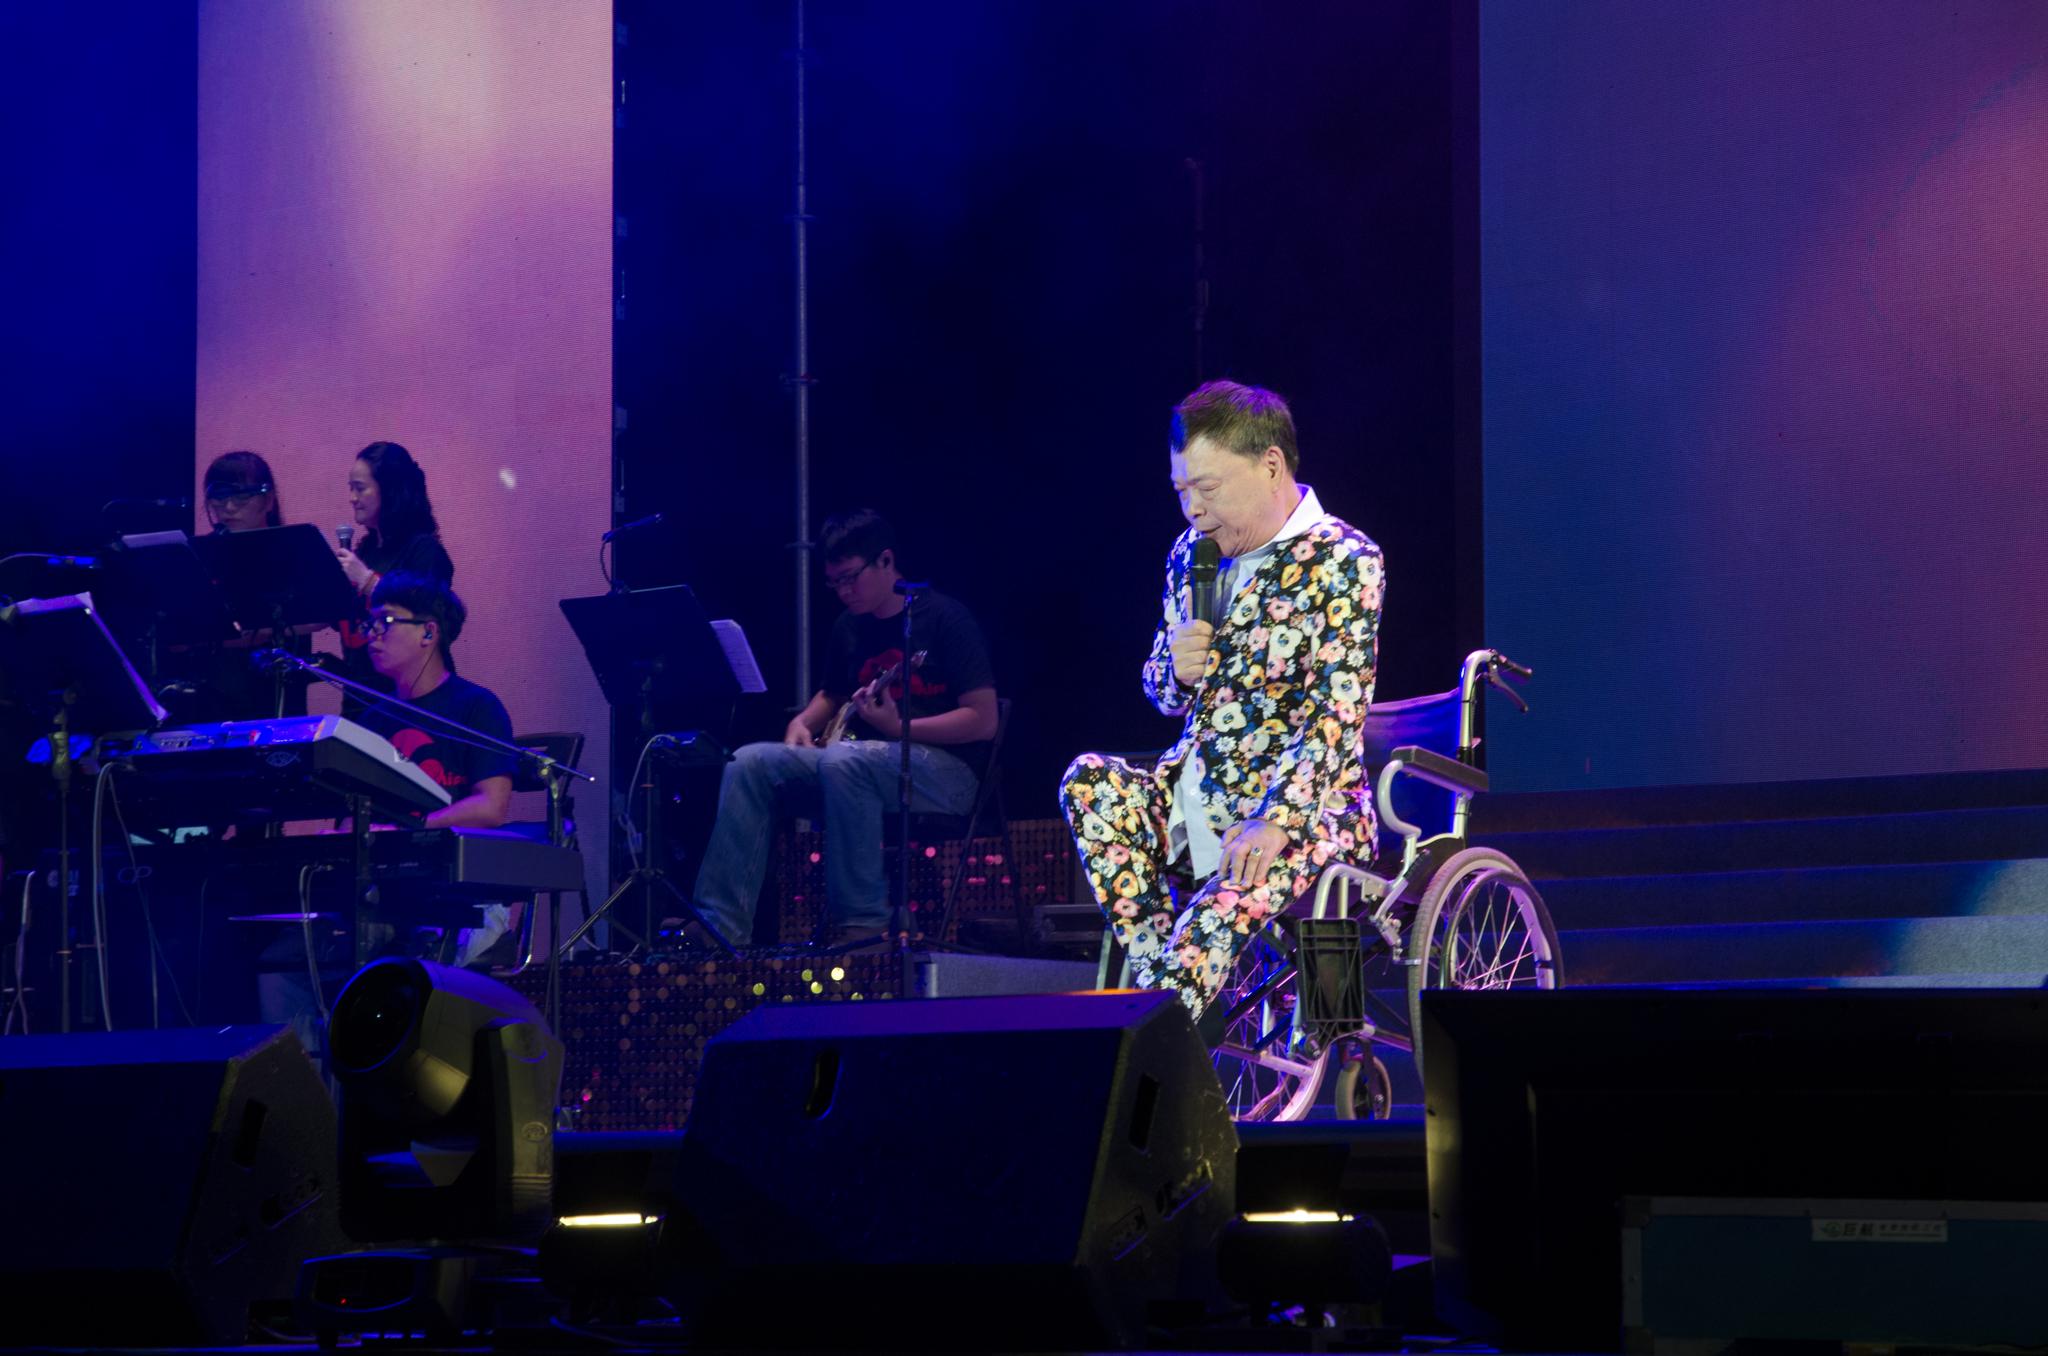 演唱會在實力派歌手阿吉仔的歌聲中畫下完美句點。